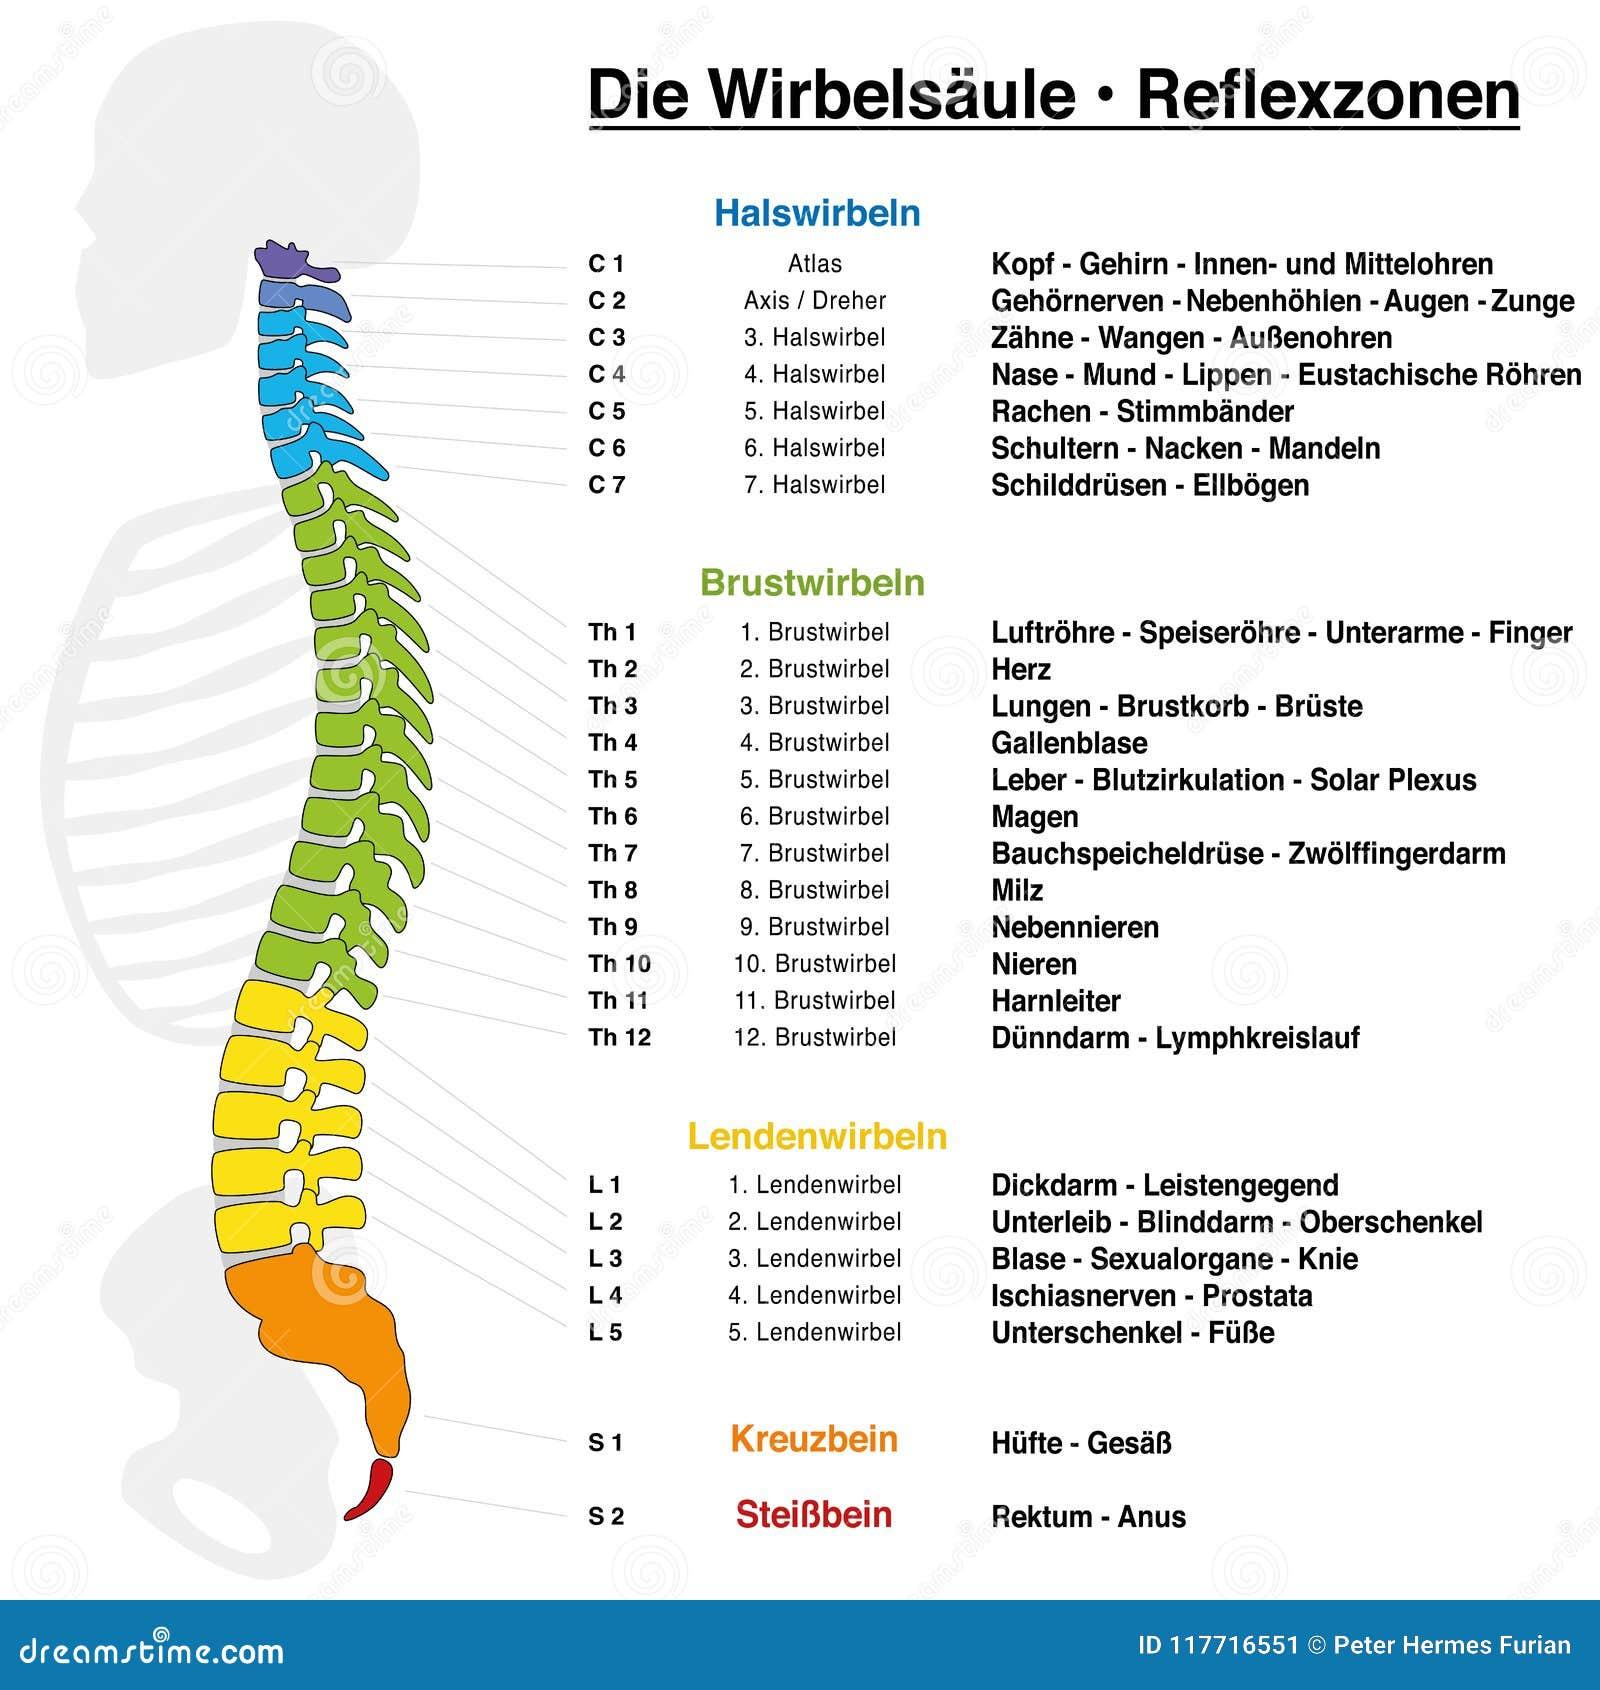 Wunderbar Bild Der Zunge Mit Geschmacksknospen Galerie - Physiologie ...